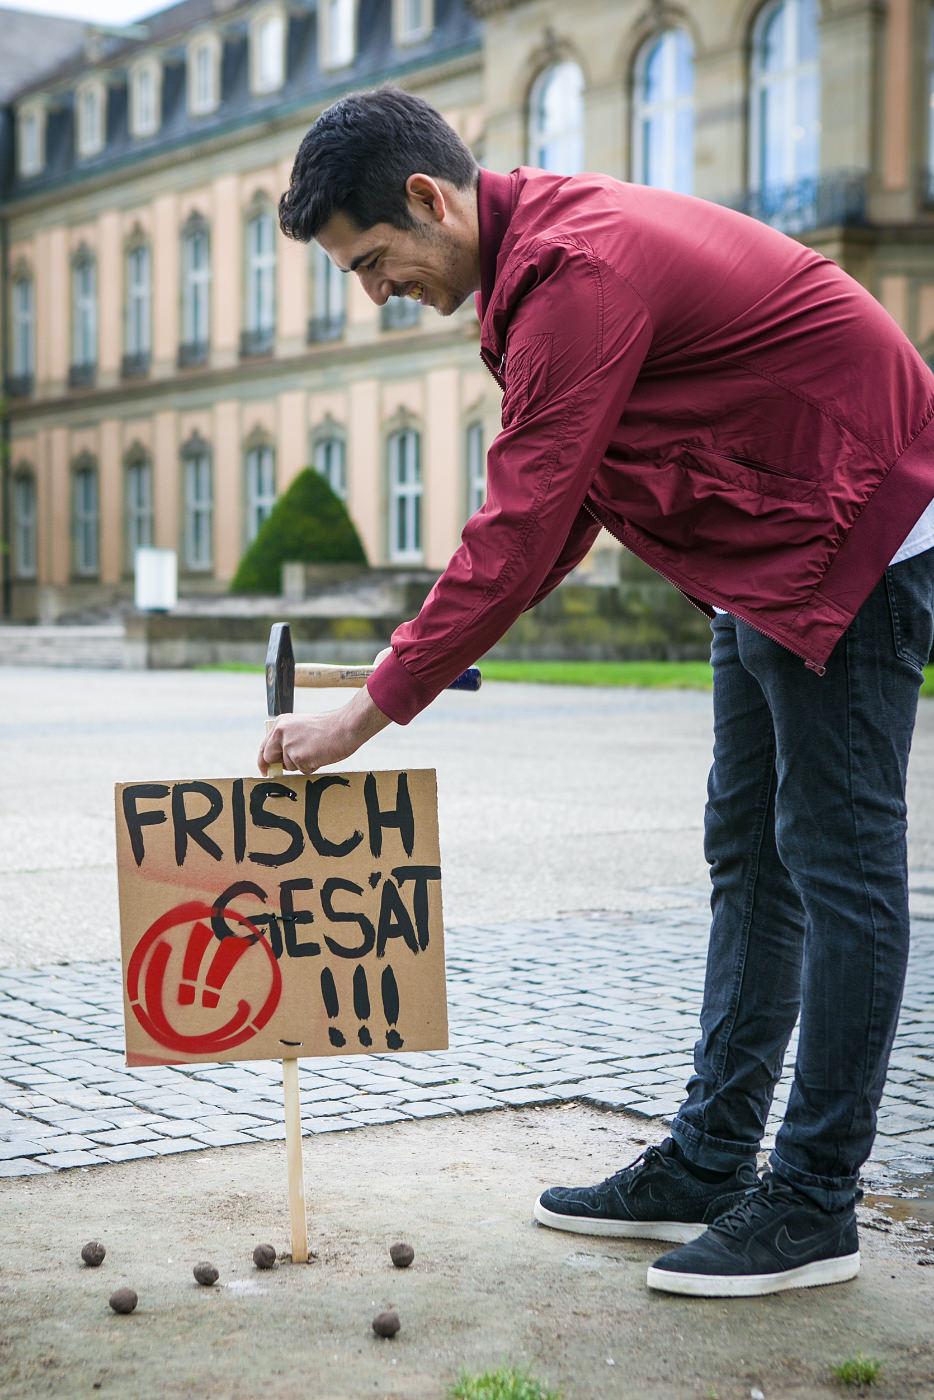 Frische Gesät Rivella Aktion Stuttgart